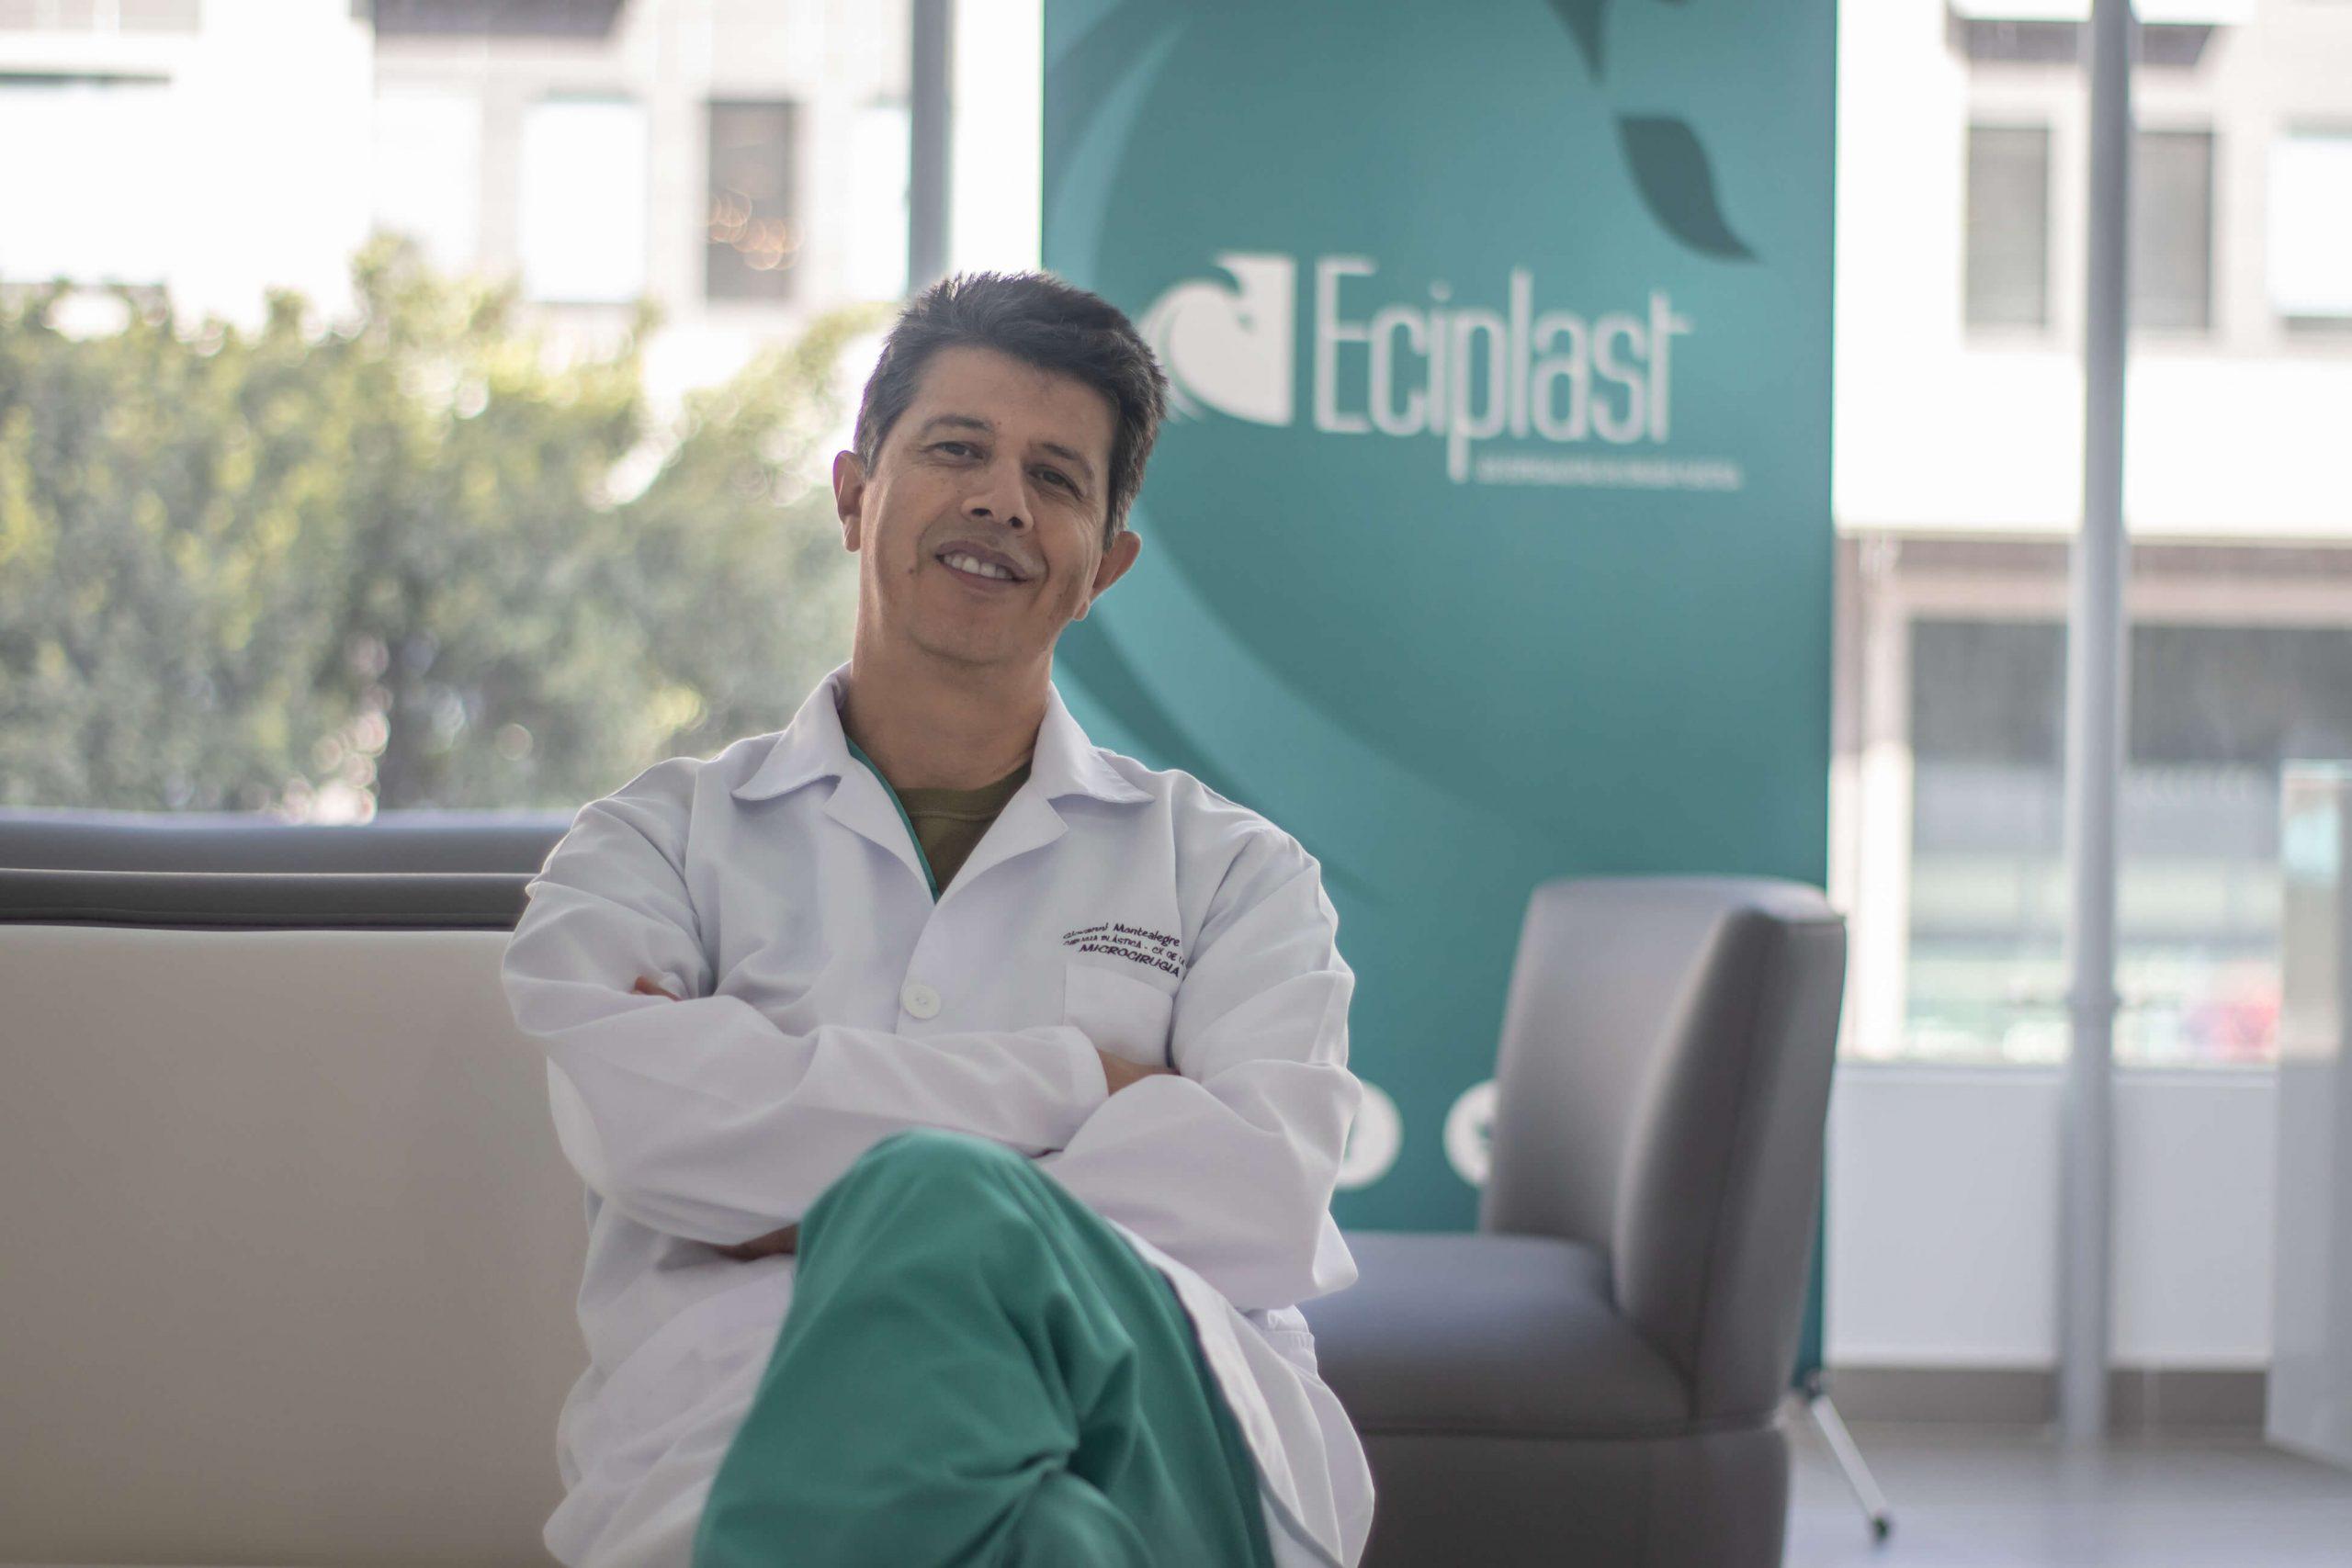 Especialistas Cirujanos Plásticos Eciplast 8